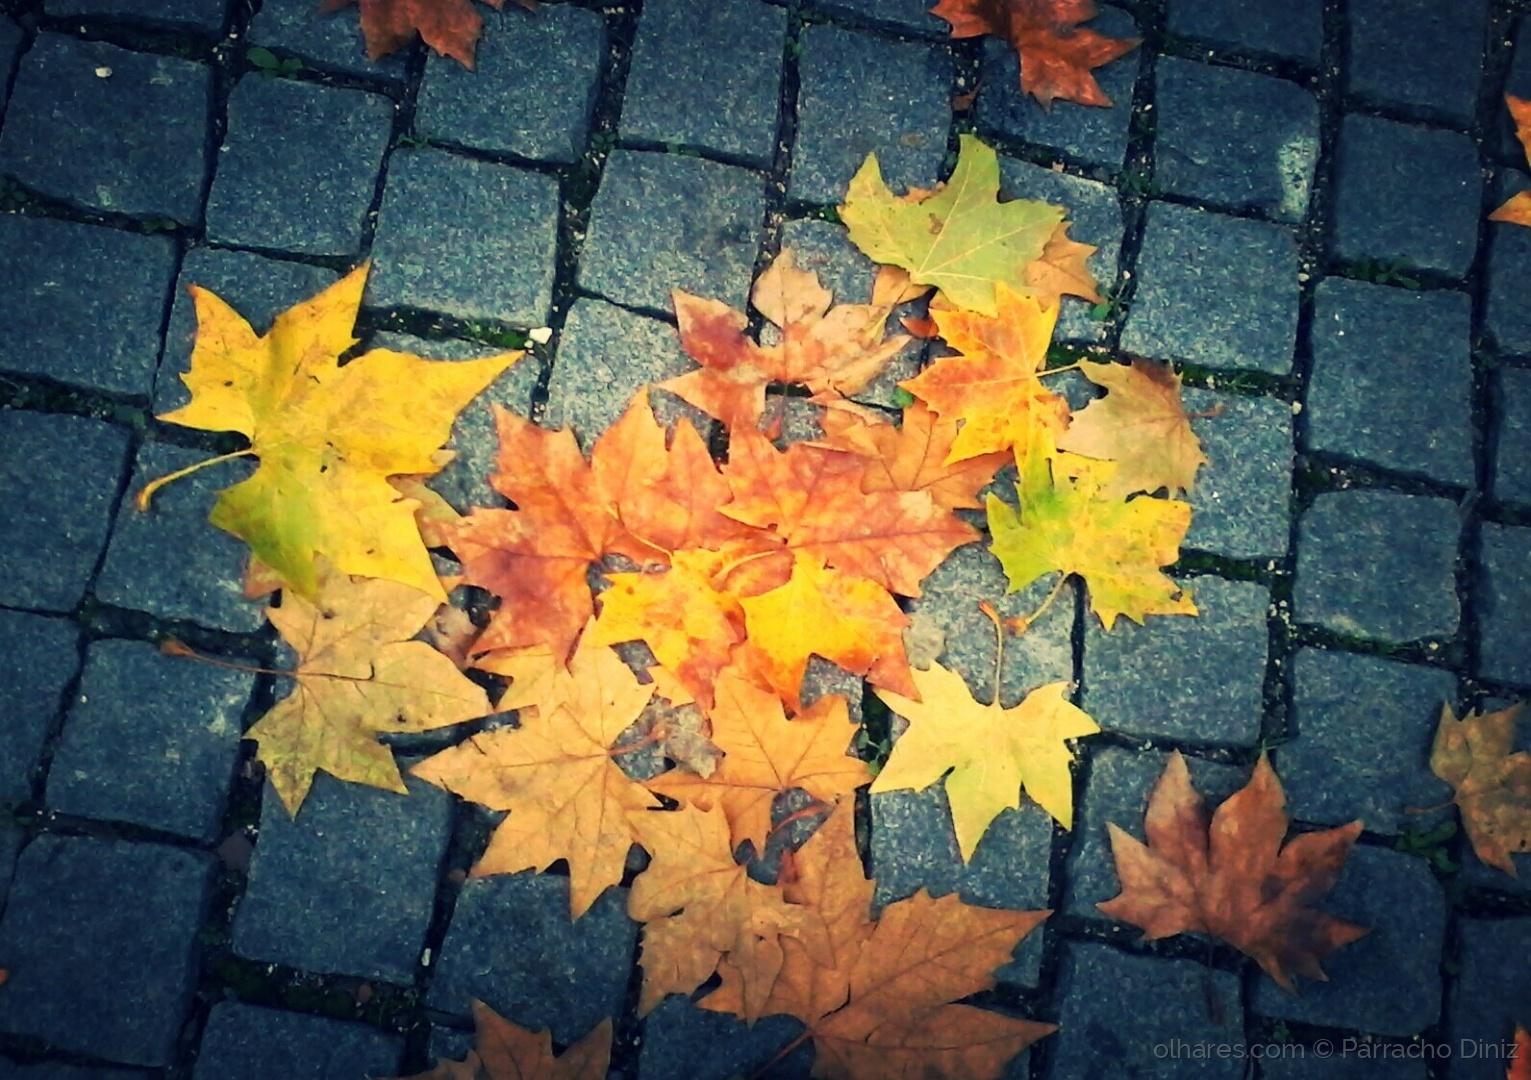 Paisagem Urbana/Outono